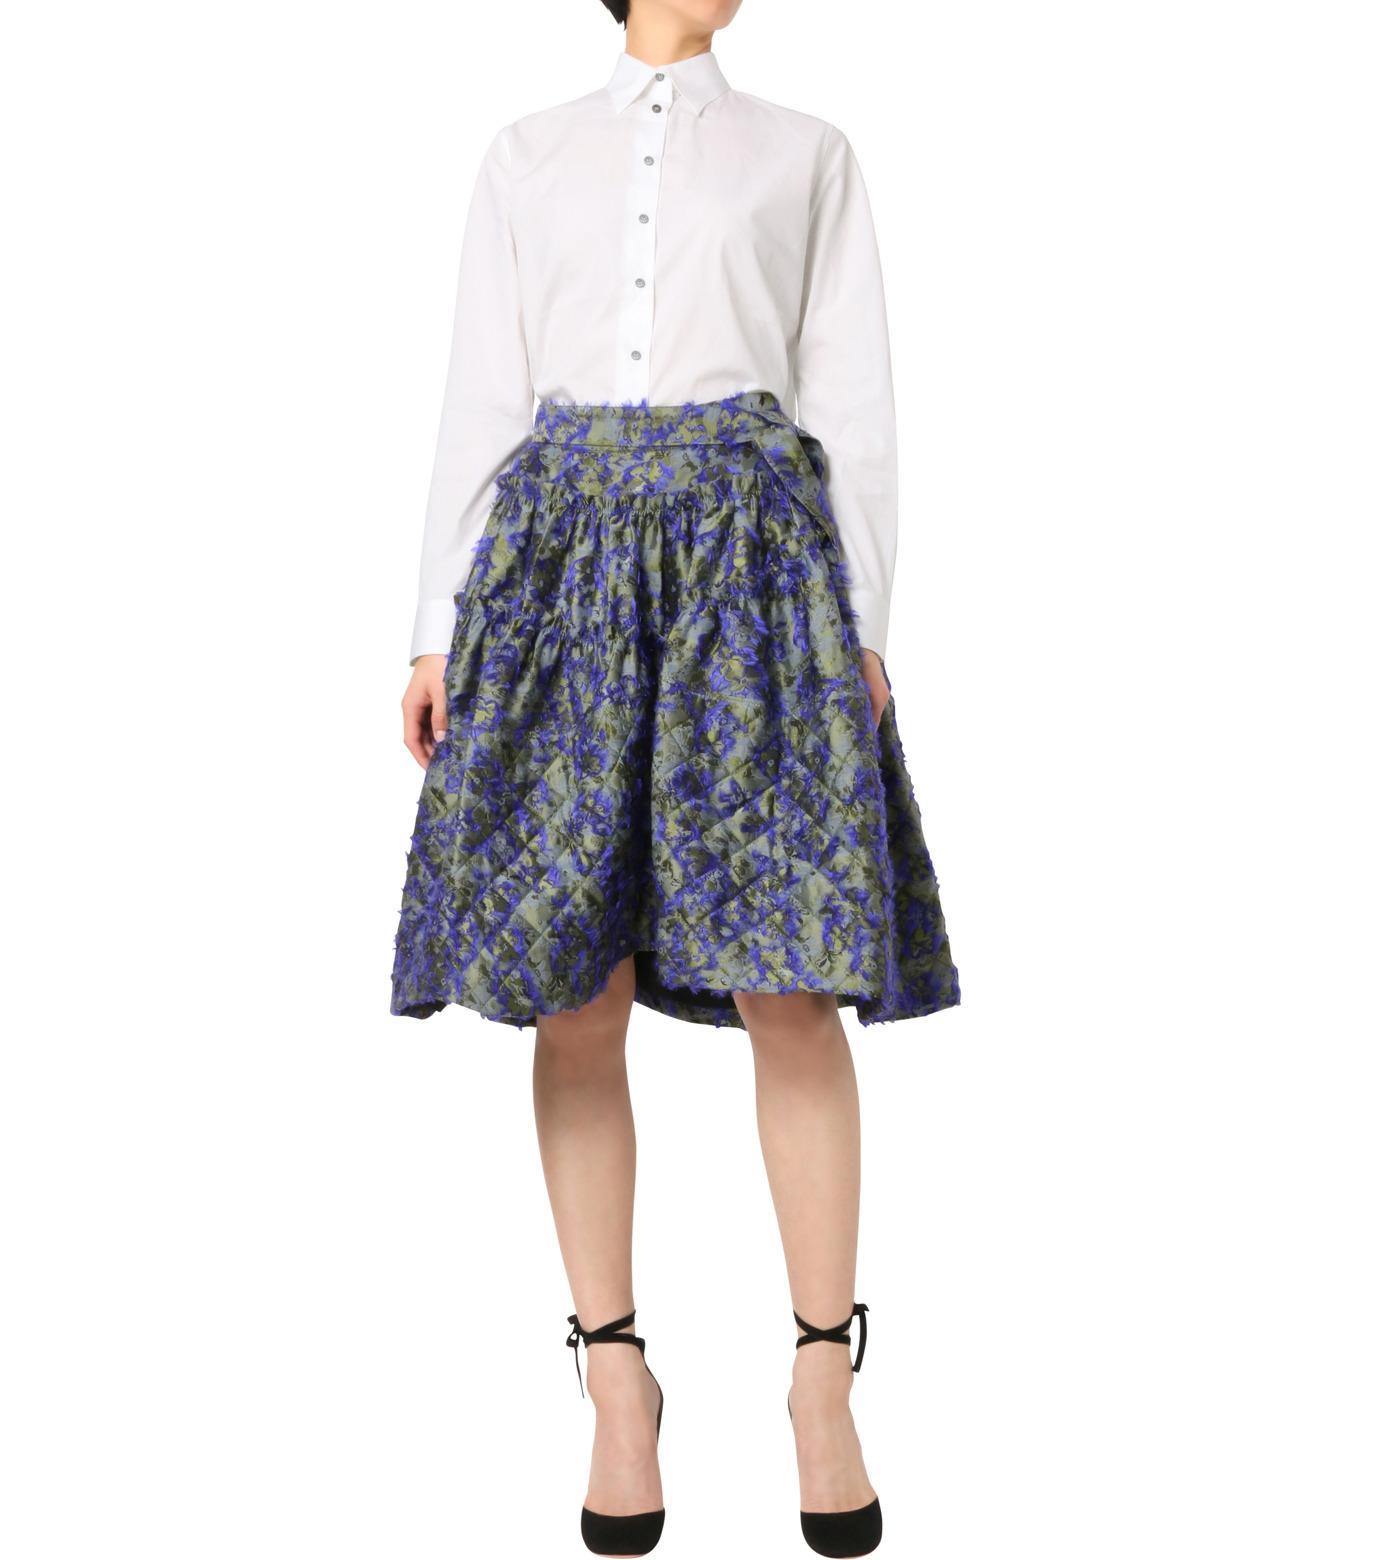 Jourden(ジョーダン)のCobalt Asym. Duvet Ruffle Skirt-BLUE(スカート/skirt)-1603WJ1JA03-92 拡大詳細画像3